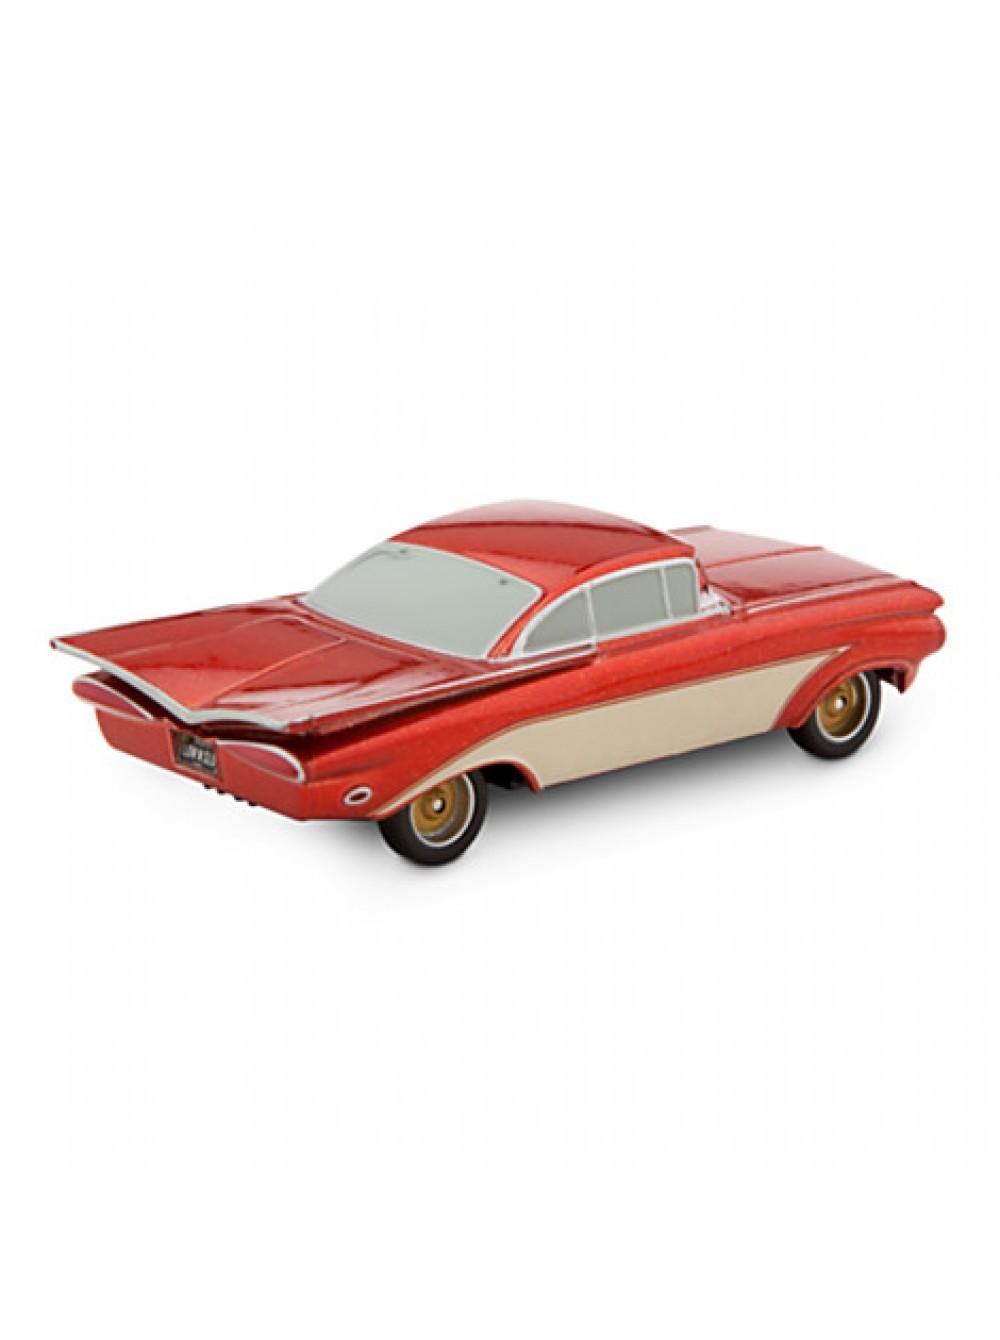 Машинка Рамон (Ramone) красная 12 см Тачки Дисней